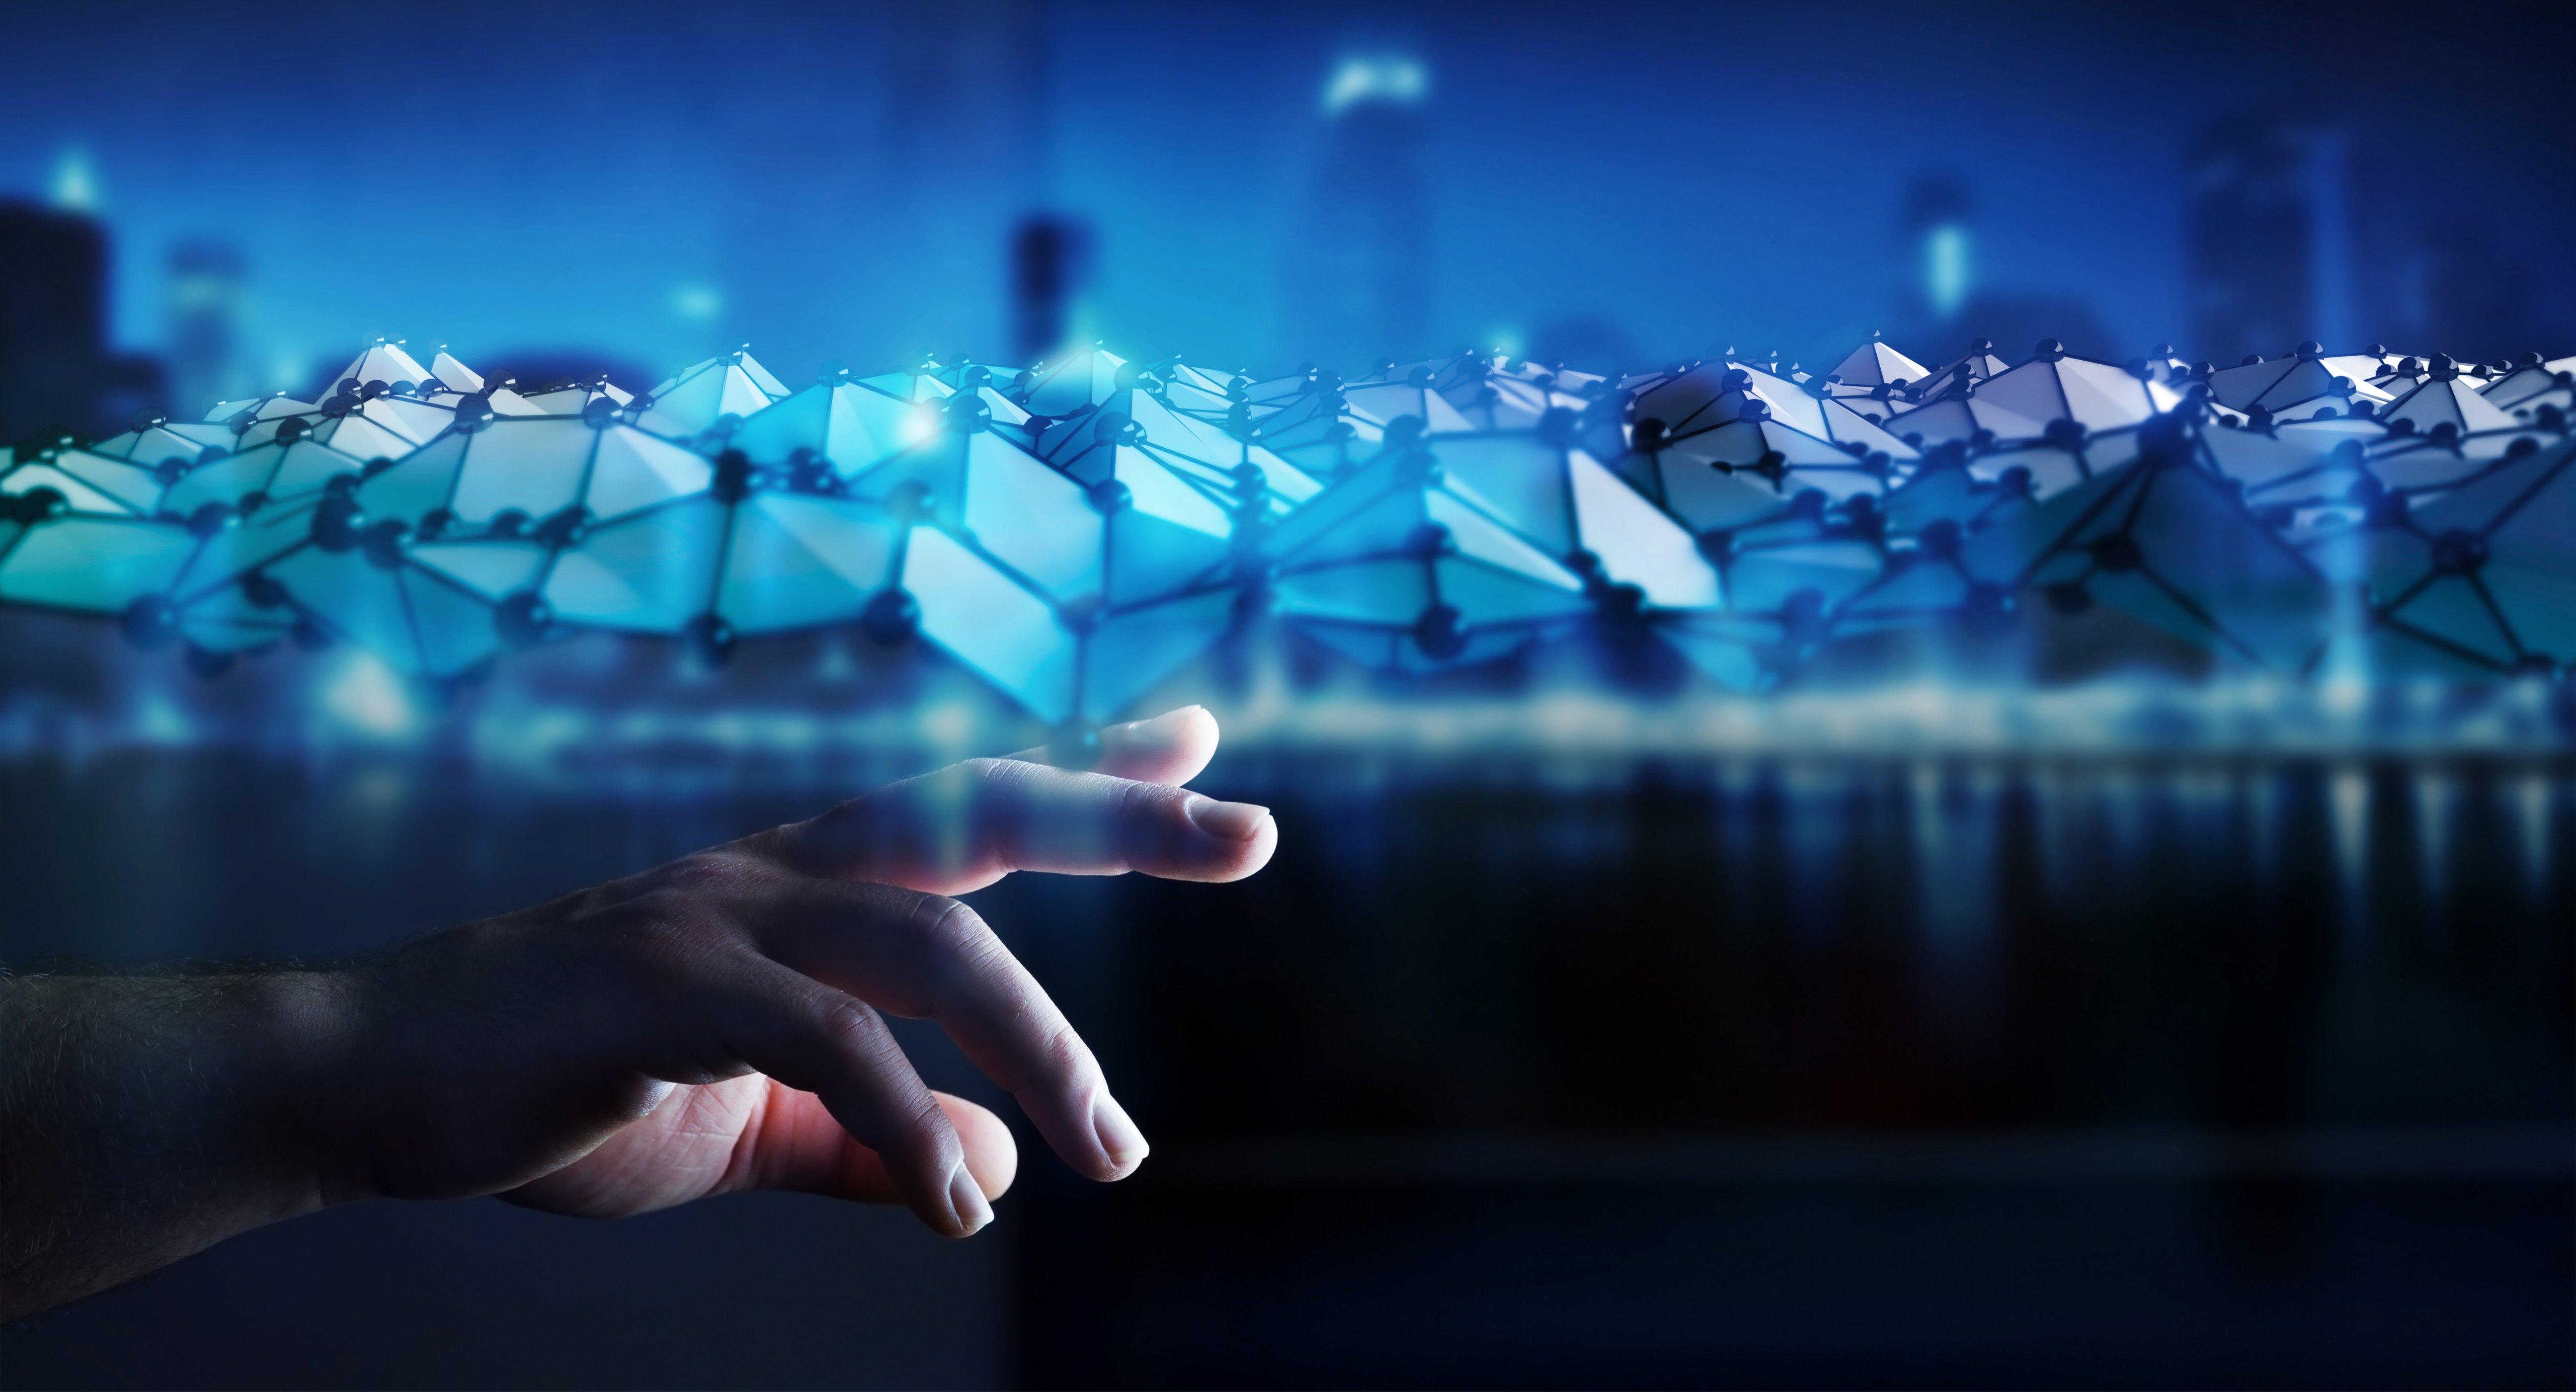 セキュリティのための企業のデジタル化